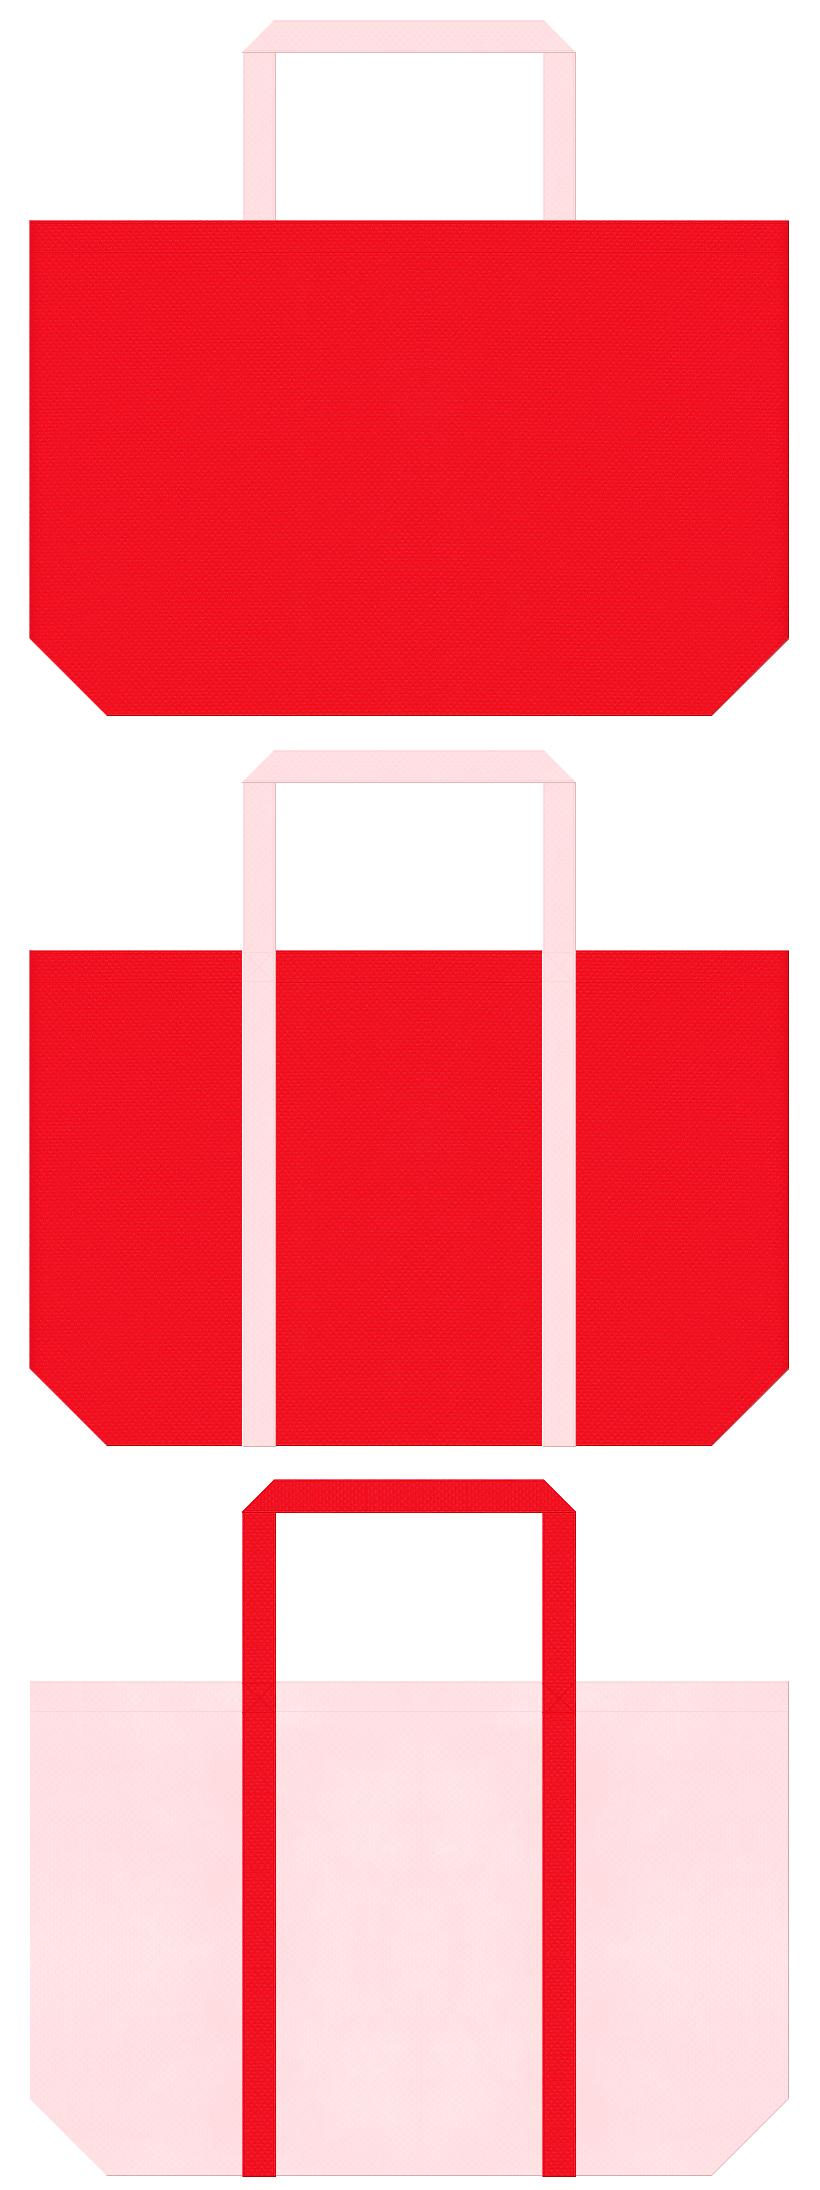 舞踊・婚礼・いちご・ハート・カーネーション・母の日・ひな祭り・いちご大福・和風催事・お正月・福袋にお奨めの不織布バッグデザイン:赤色と桜色のコーデ